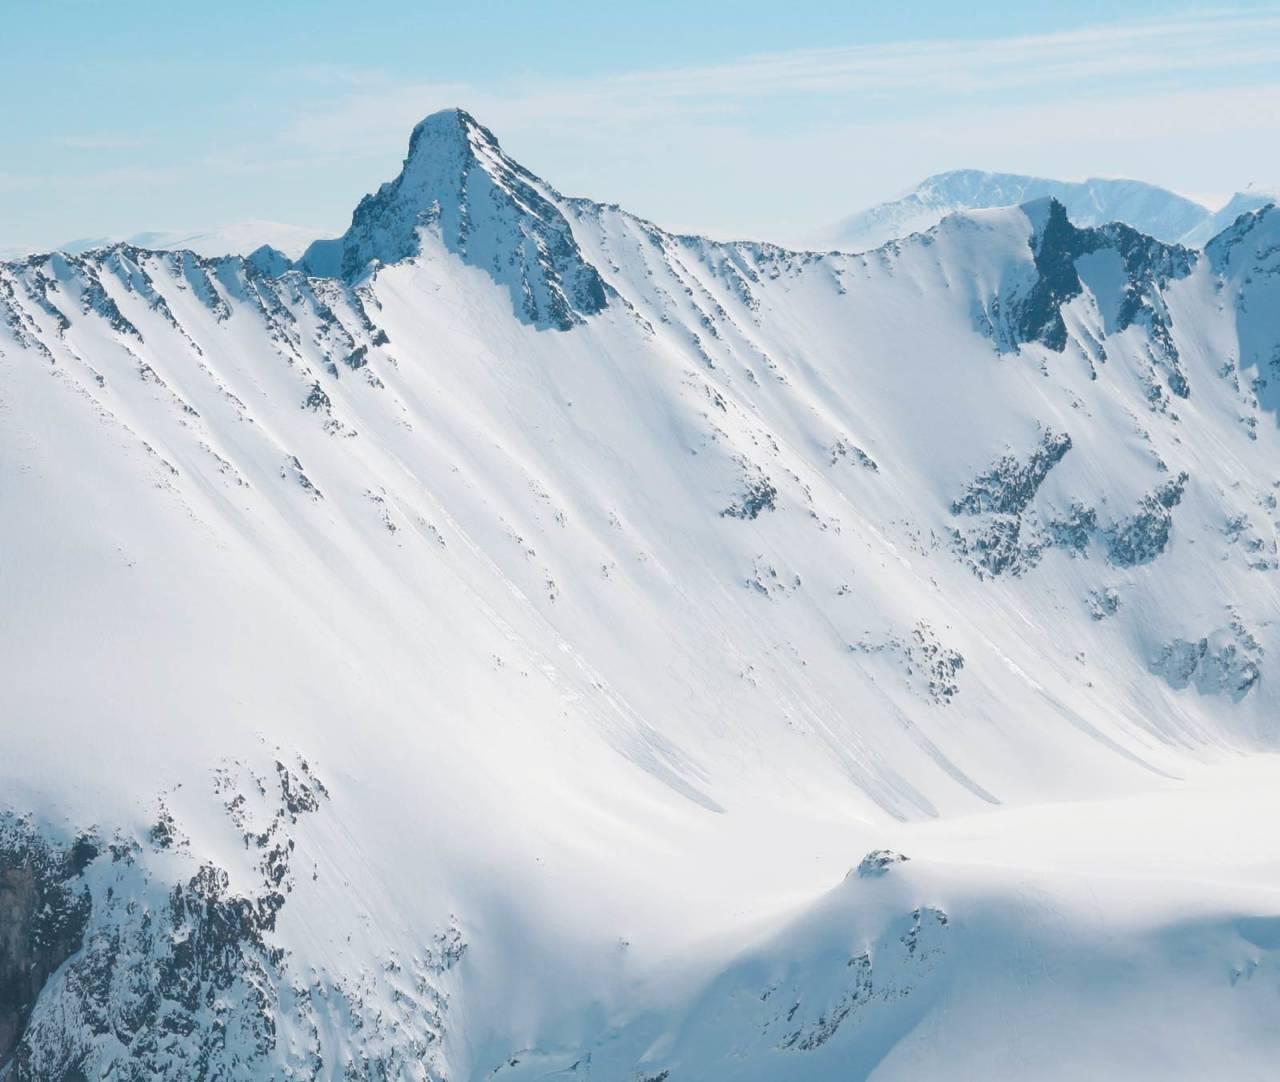 Det er en lang tur inn til Hoemtinden og fjellet er bratt på alle kanter. En krevende klassiker for spreke og dyktige skiløpere. Siste del av Hauduken traversen vises også.